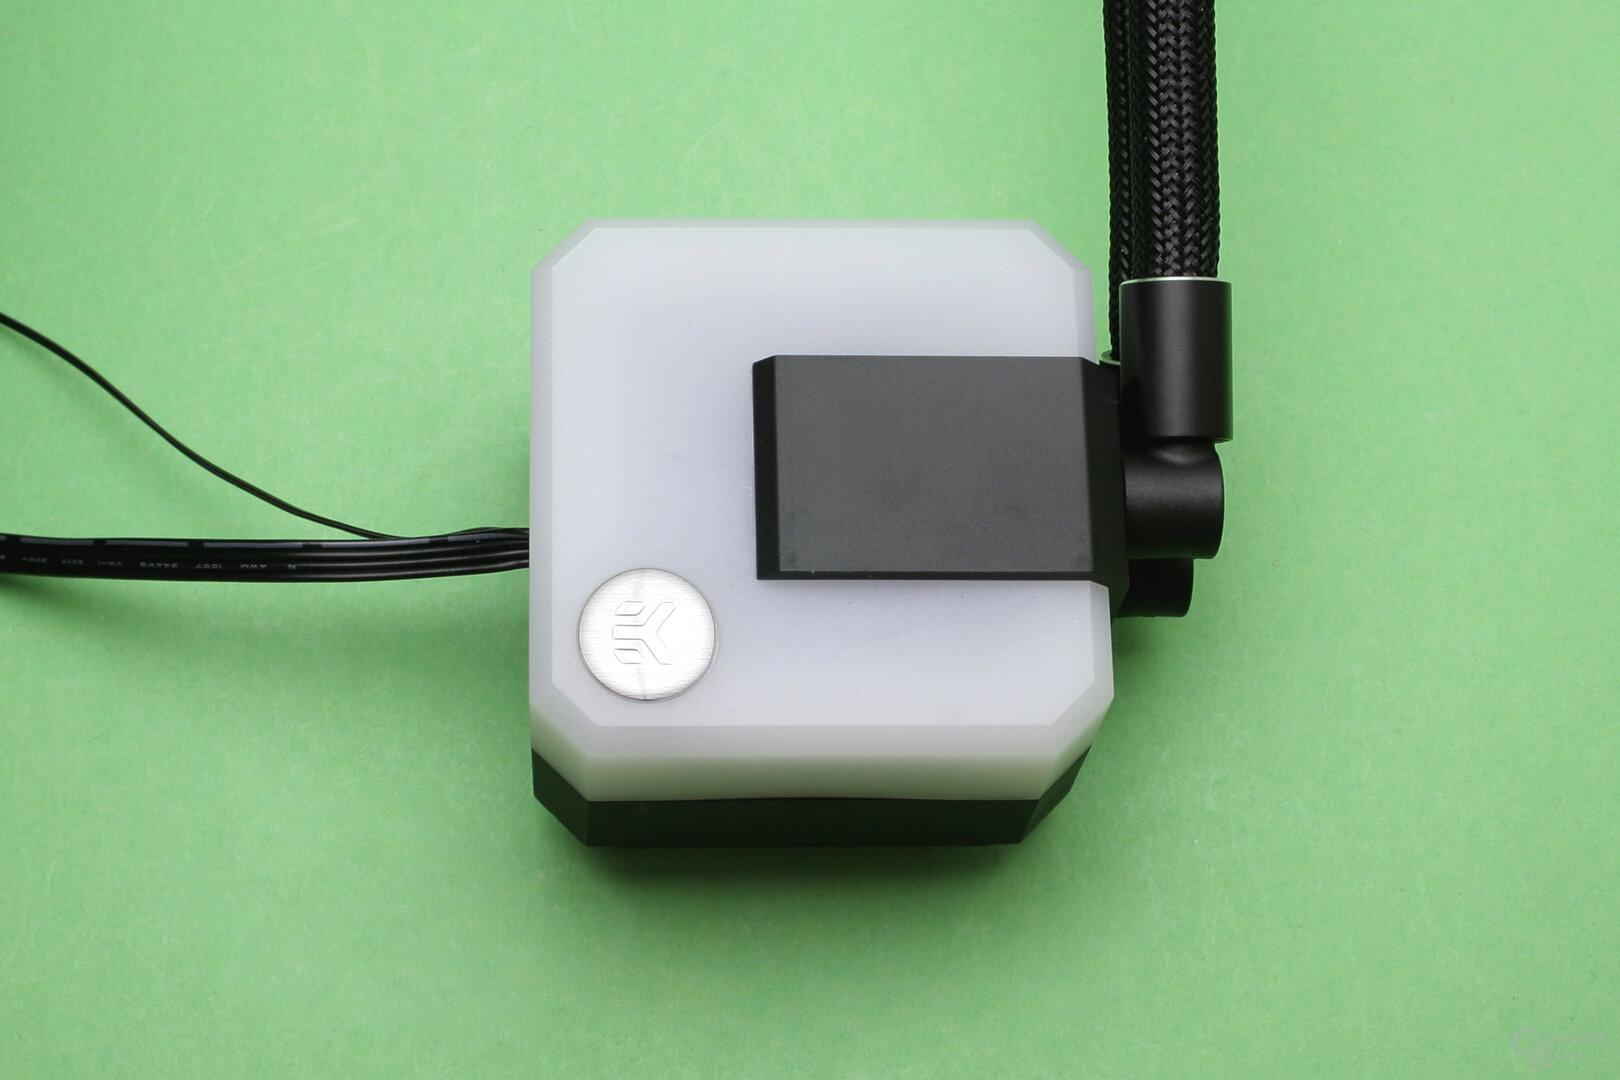 EK Water Blocks EK-AIO 240 D-RGB: Unter dem weißen milchig-weißen Kunststoff der Pumpe sind RGB-LEDs